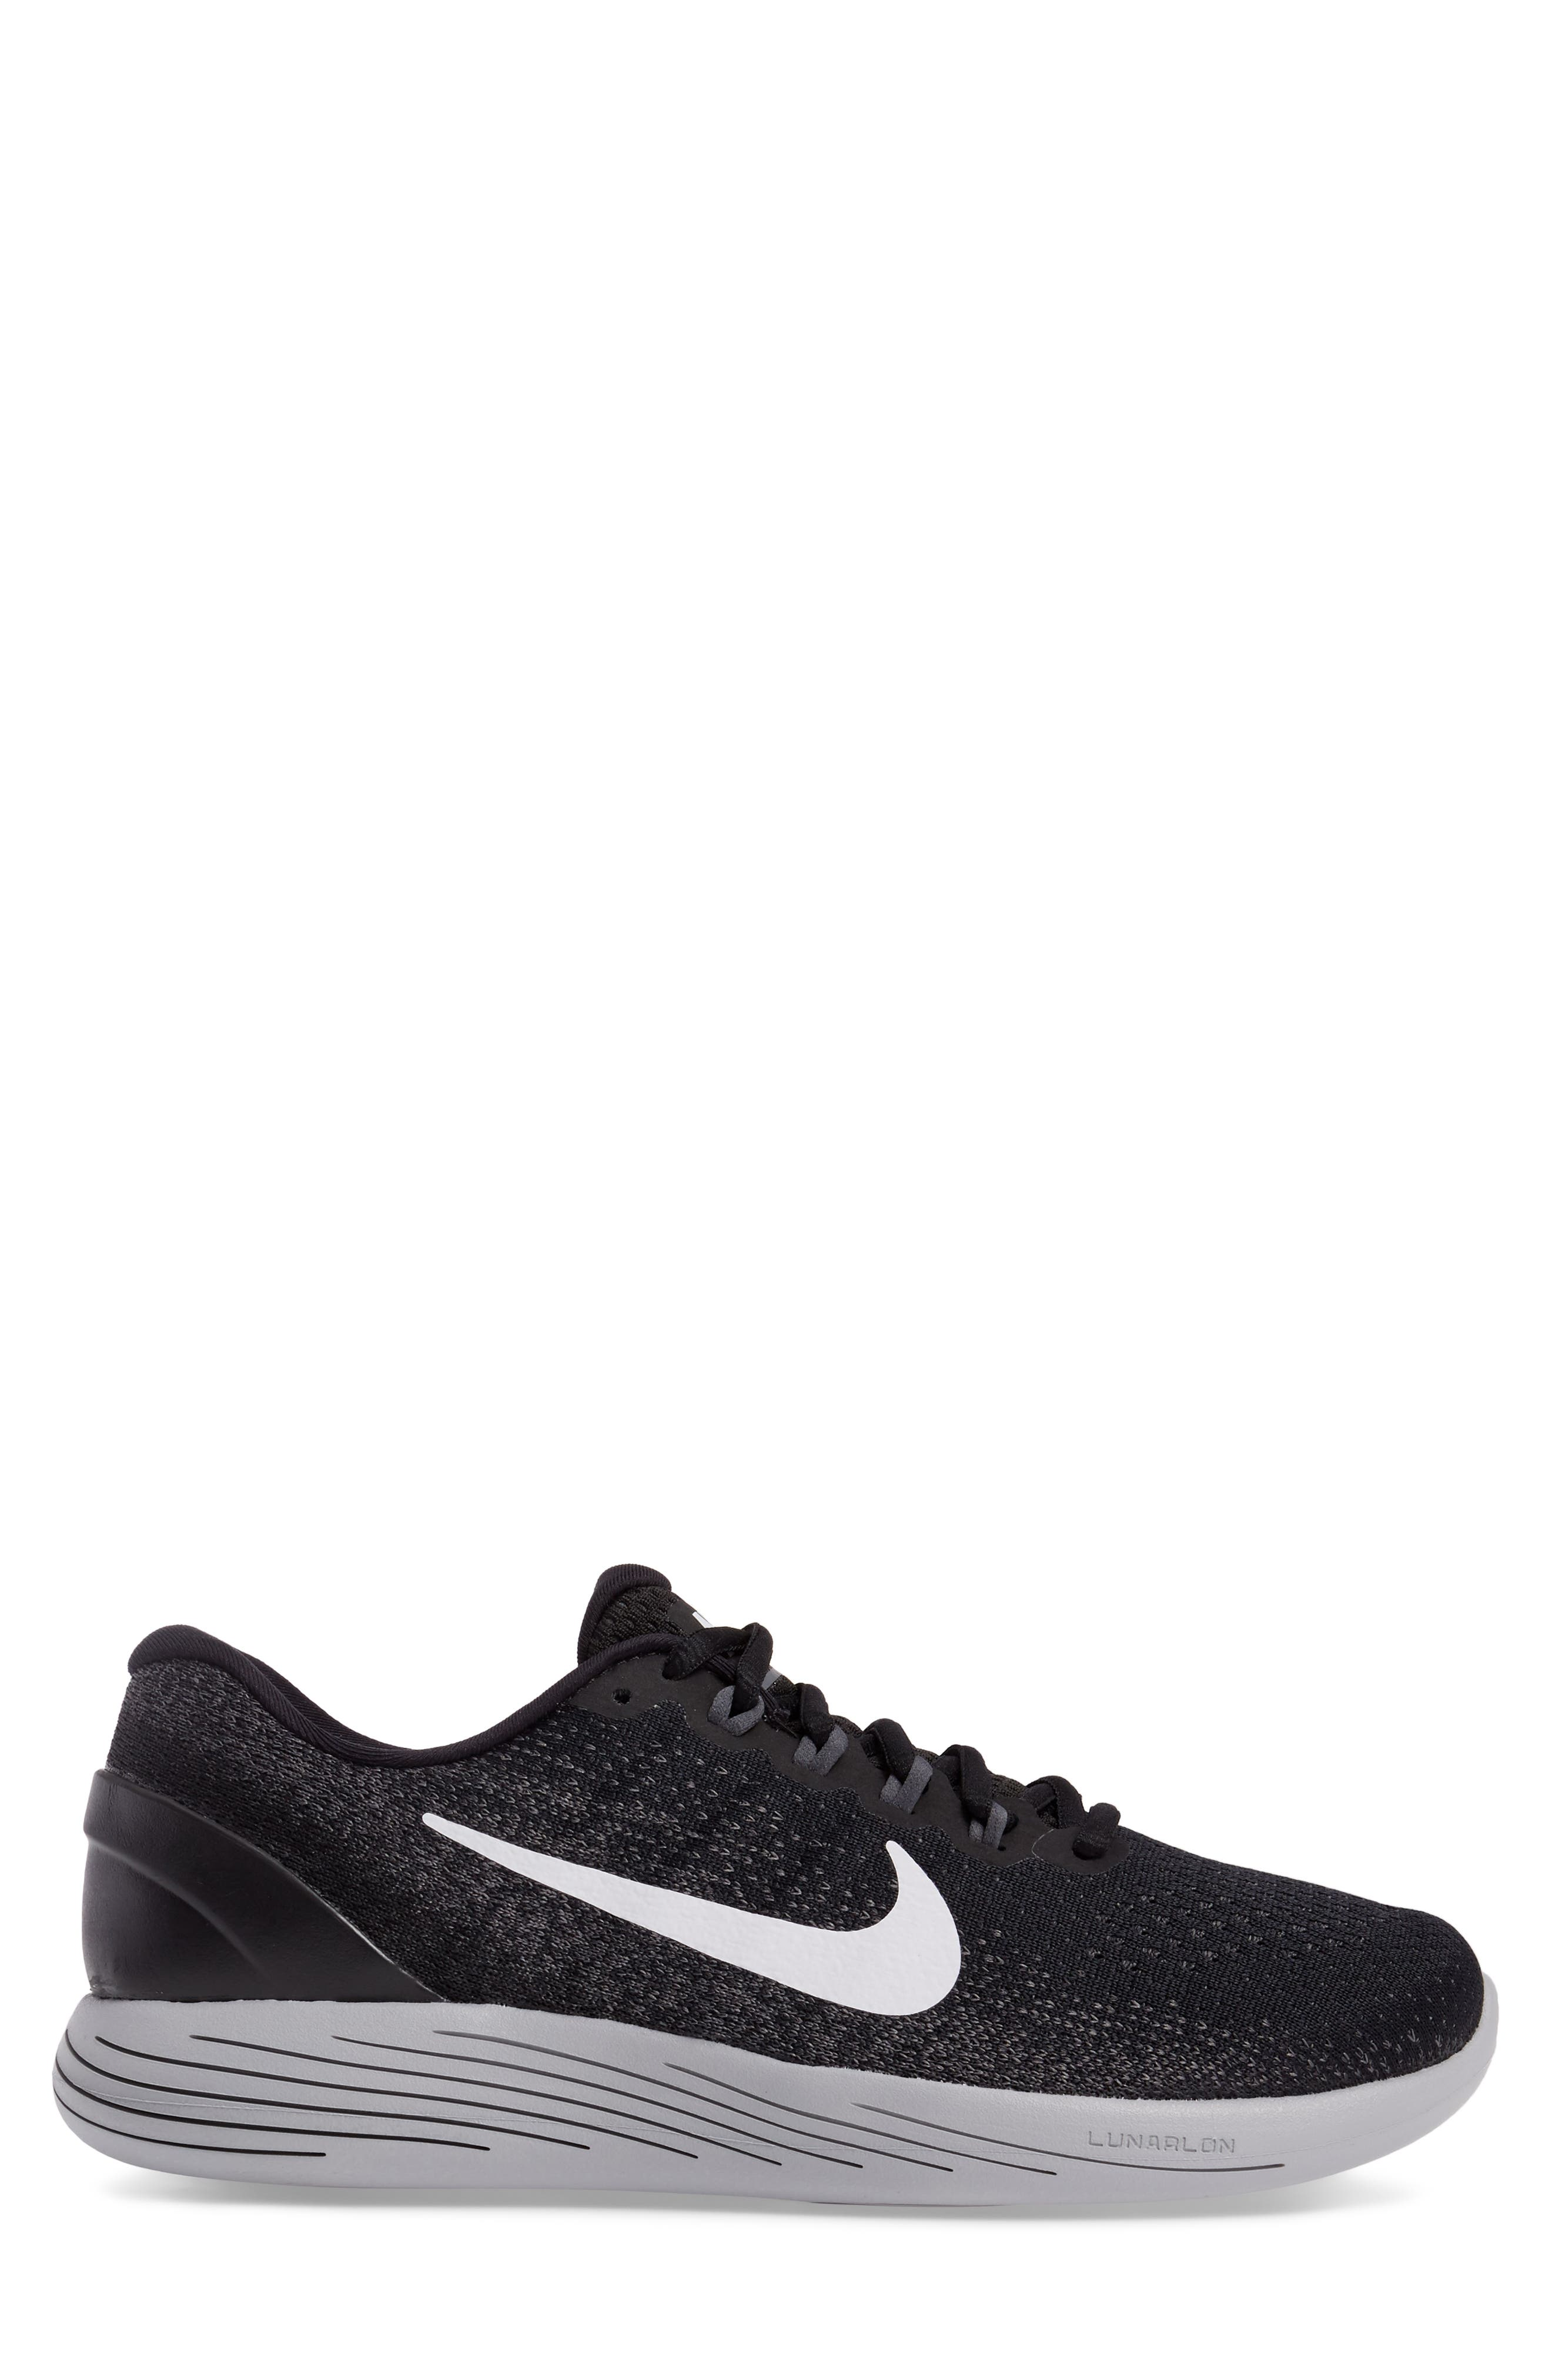 Alternate Image 3  - Nike LunarGlide 9 Running Shoe (Men)